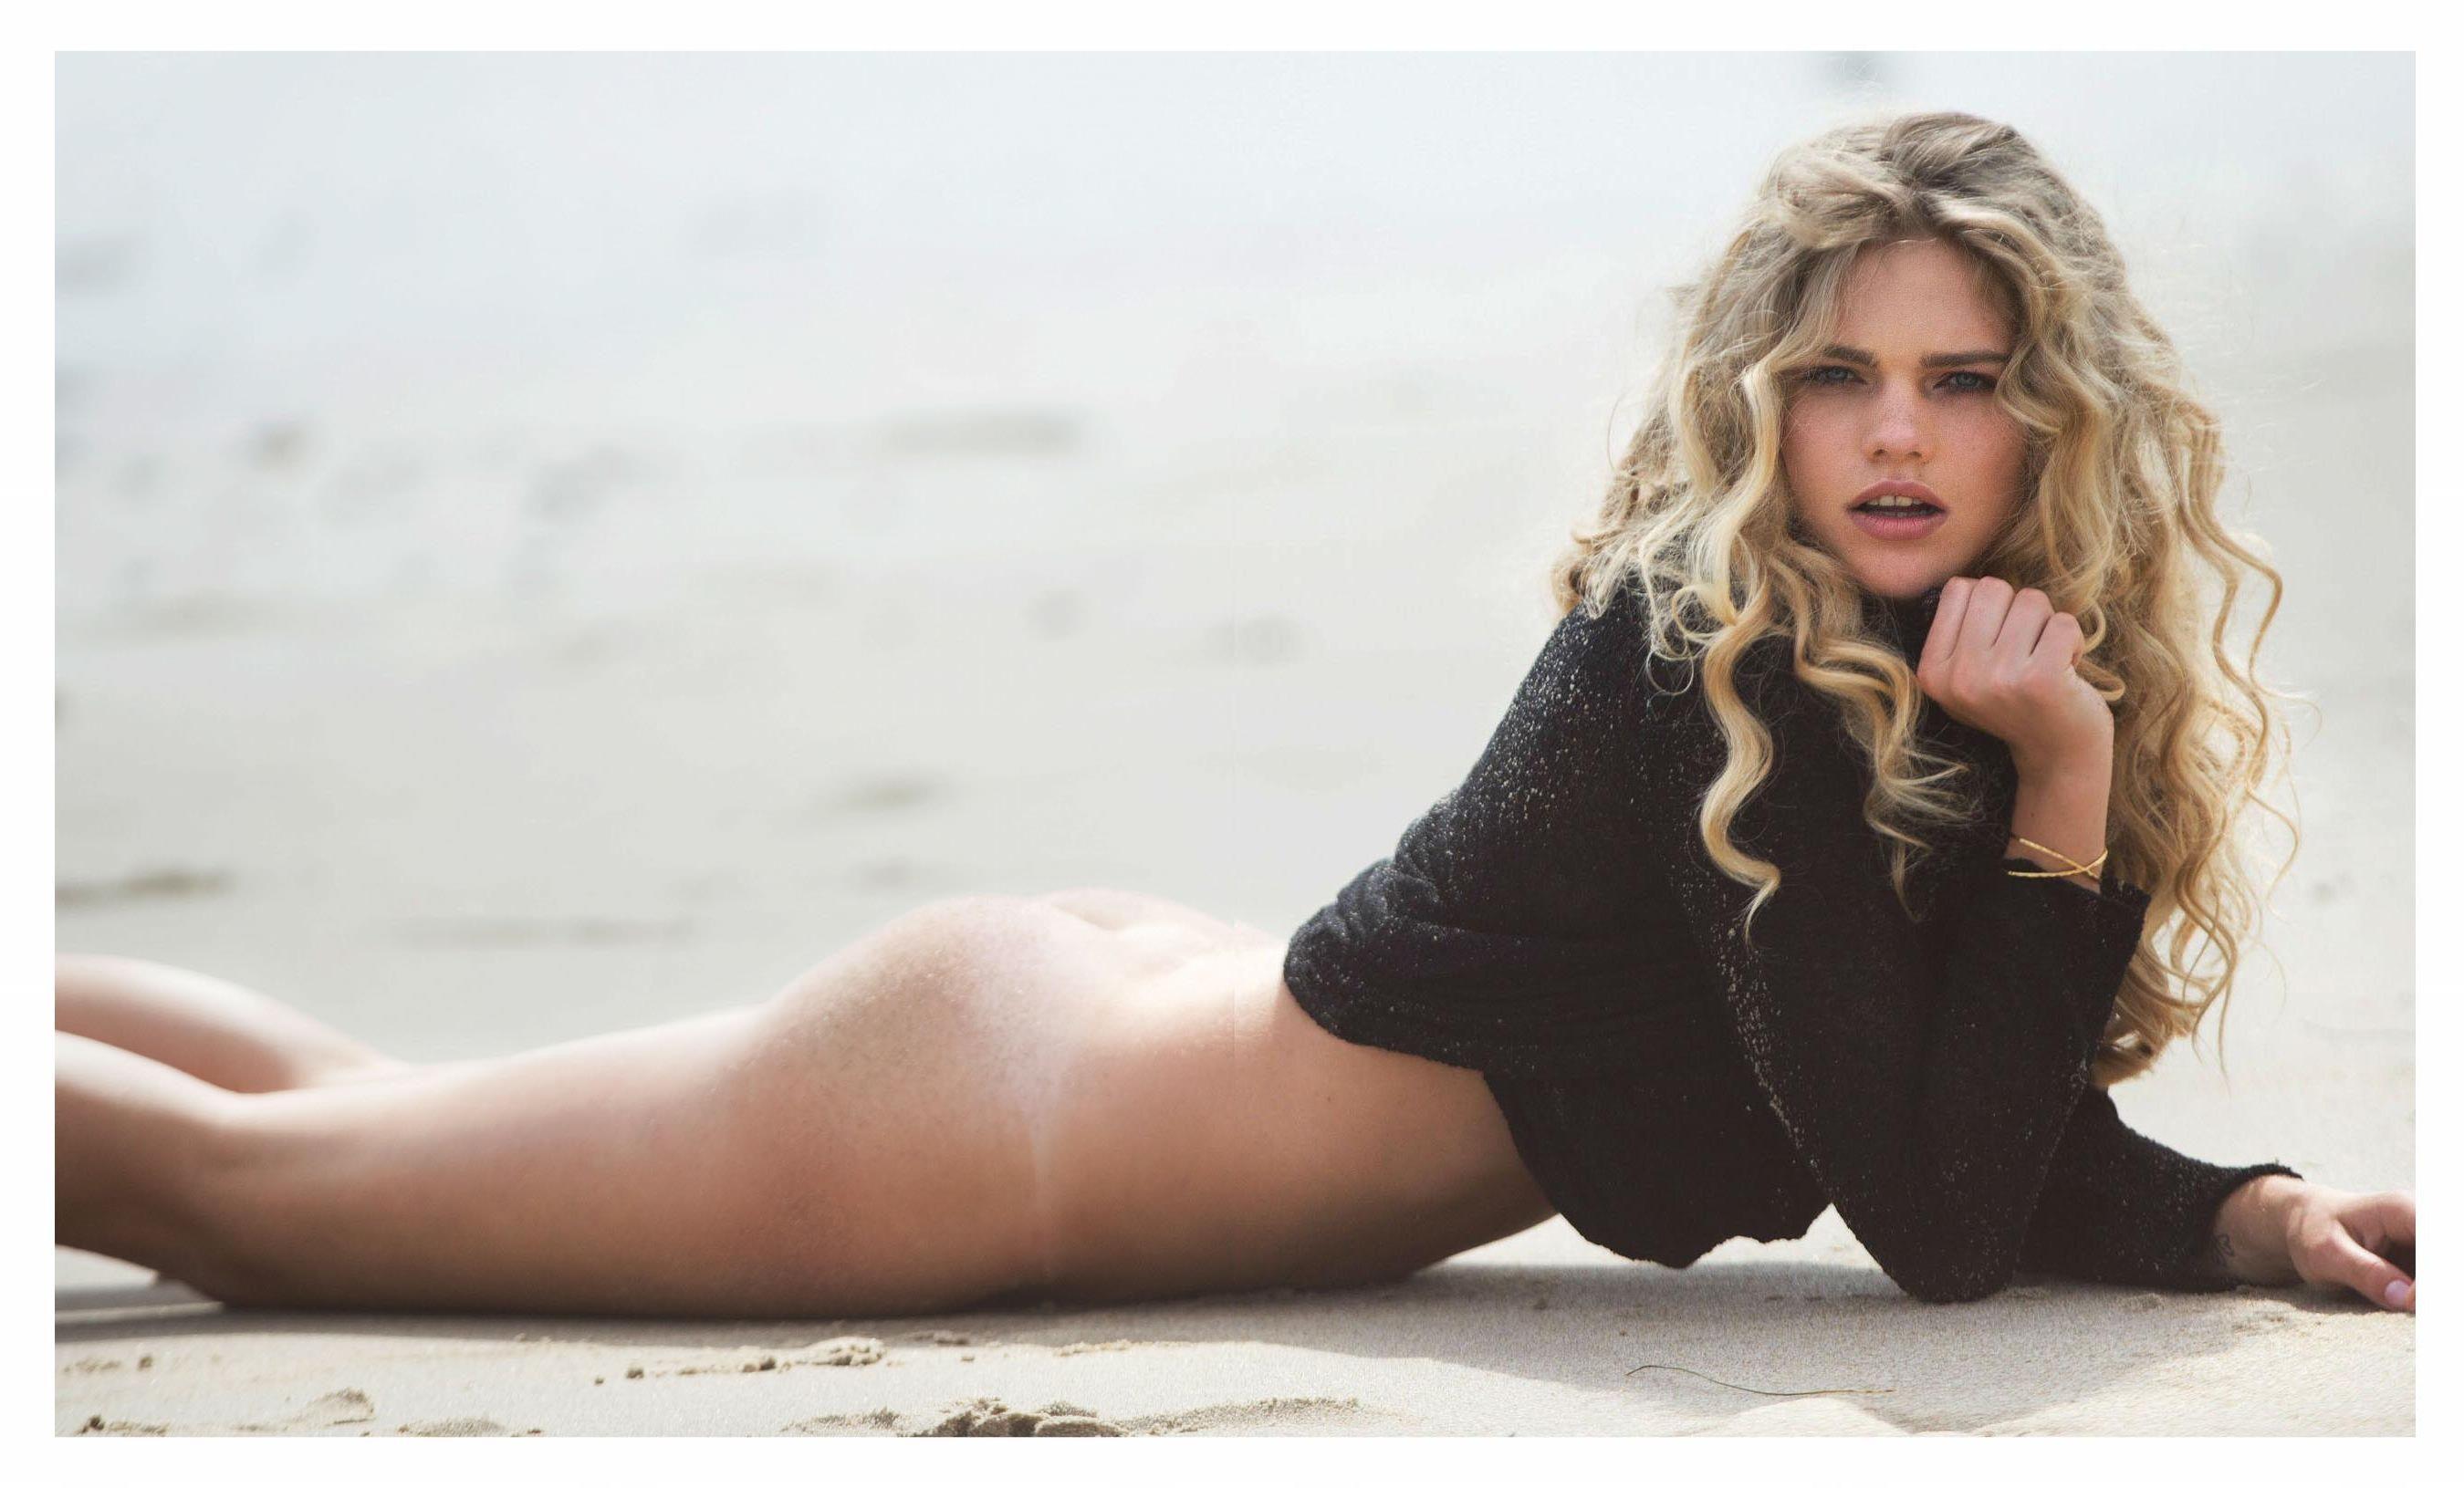 Valerie-van-der-Graaf-Nude-Sexy-4